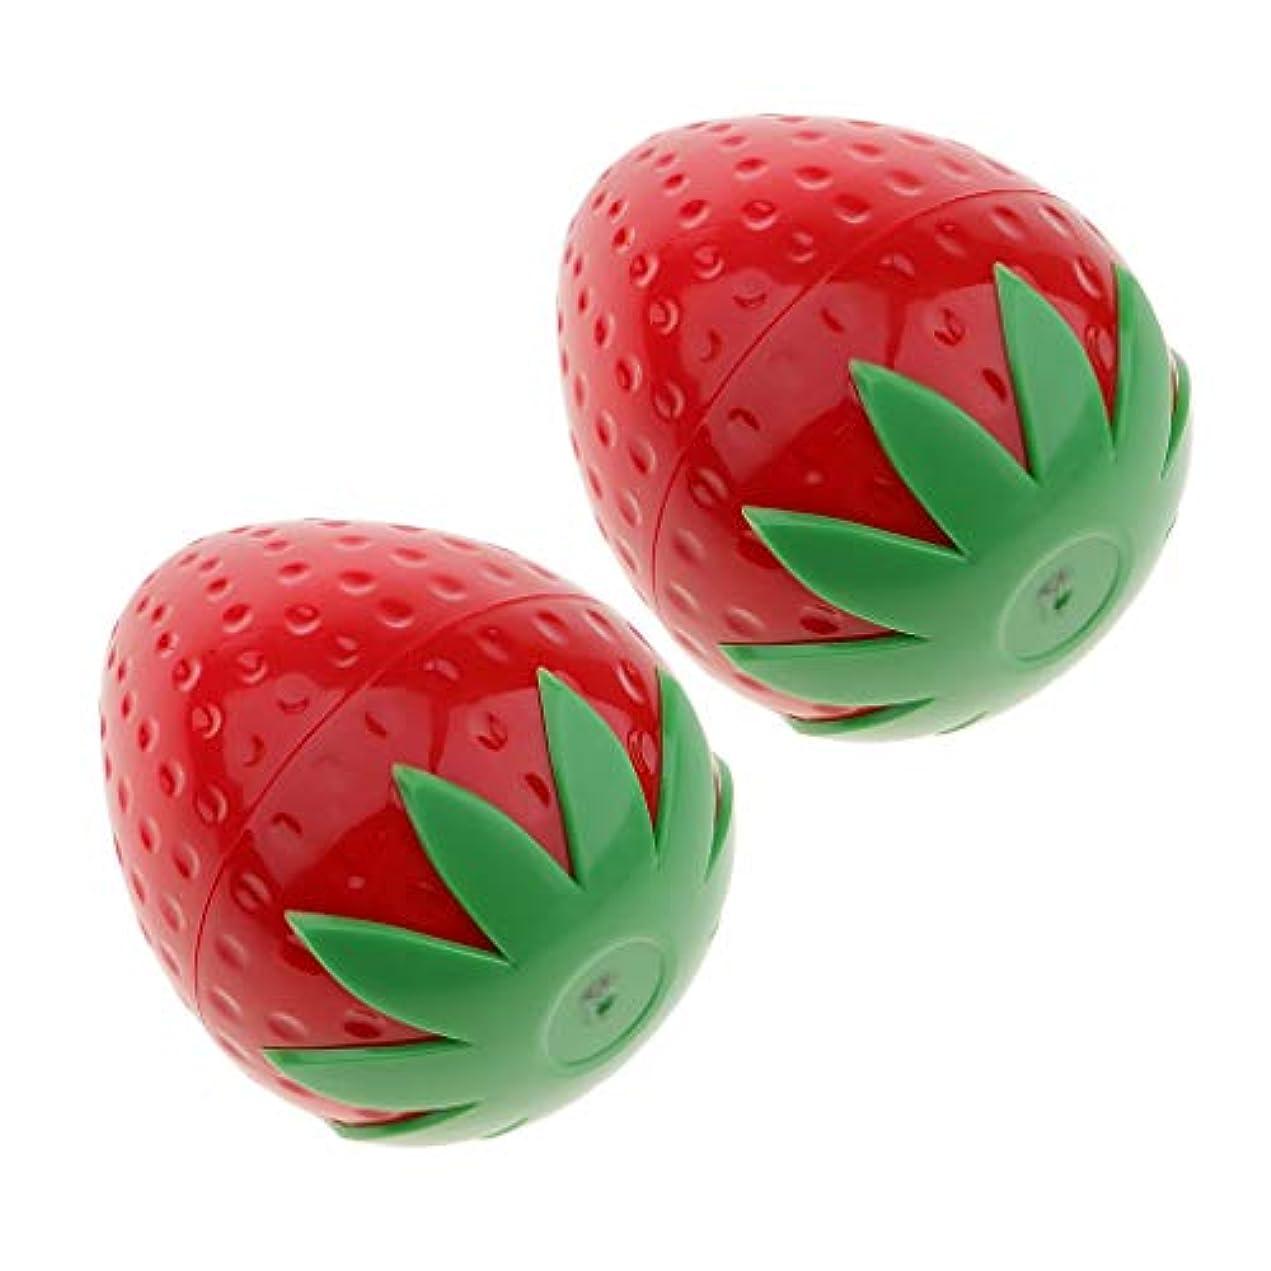 同僚アイデア器用IPOTCH 2個 コスメ 小分け用容器 可愛い フルーツタイプ 果物 化粧品容器 クリームジャー 5タイプ選べ - ストラベリー